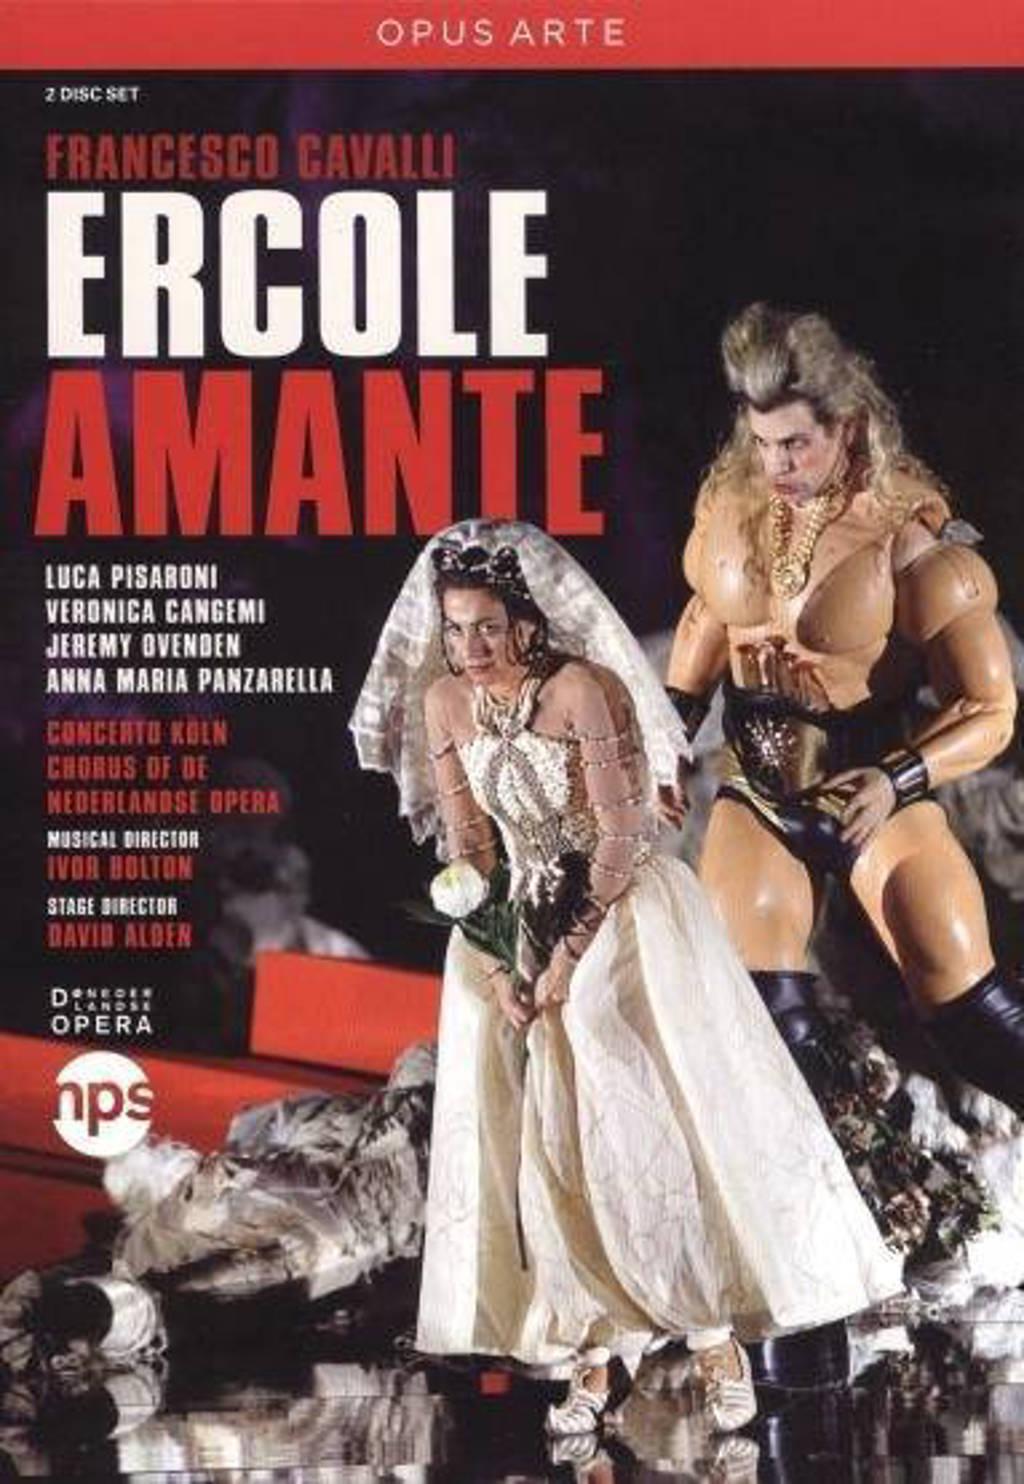 Pisaroni/Cangemi/Zomer/Concerto Kol - Ercole Amante (DVD)